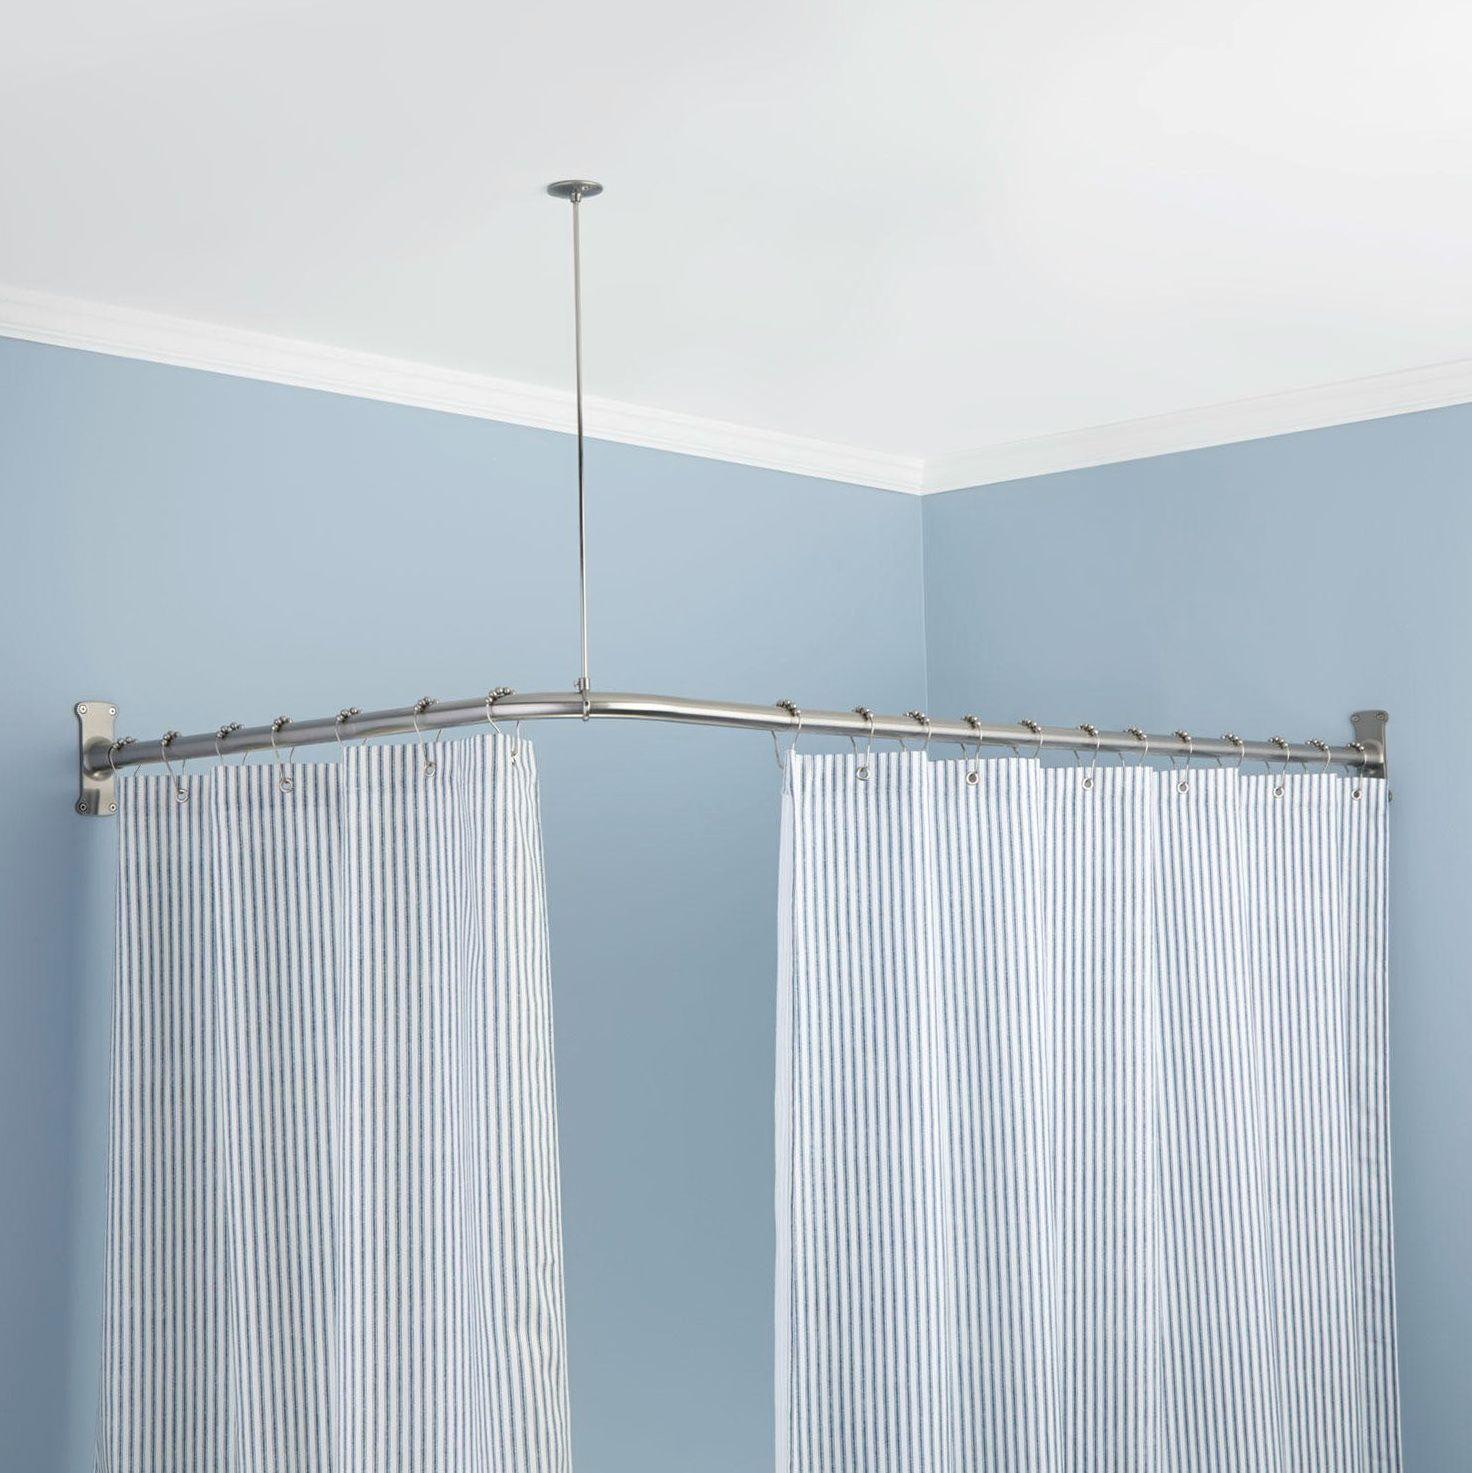 Billig Vorhangstangen Biegsame Gardinenstange Vorhang Raumteiler